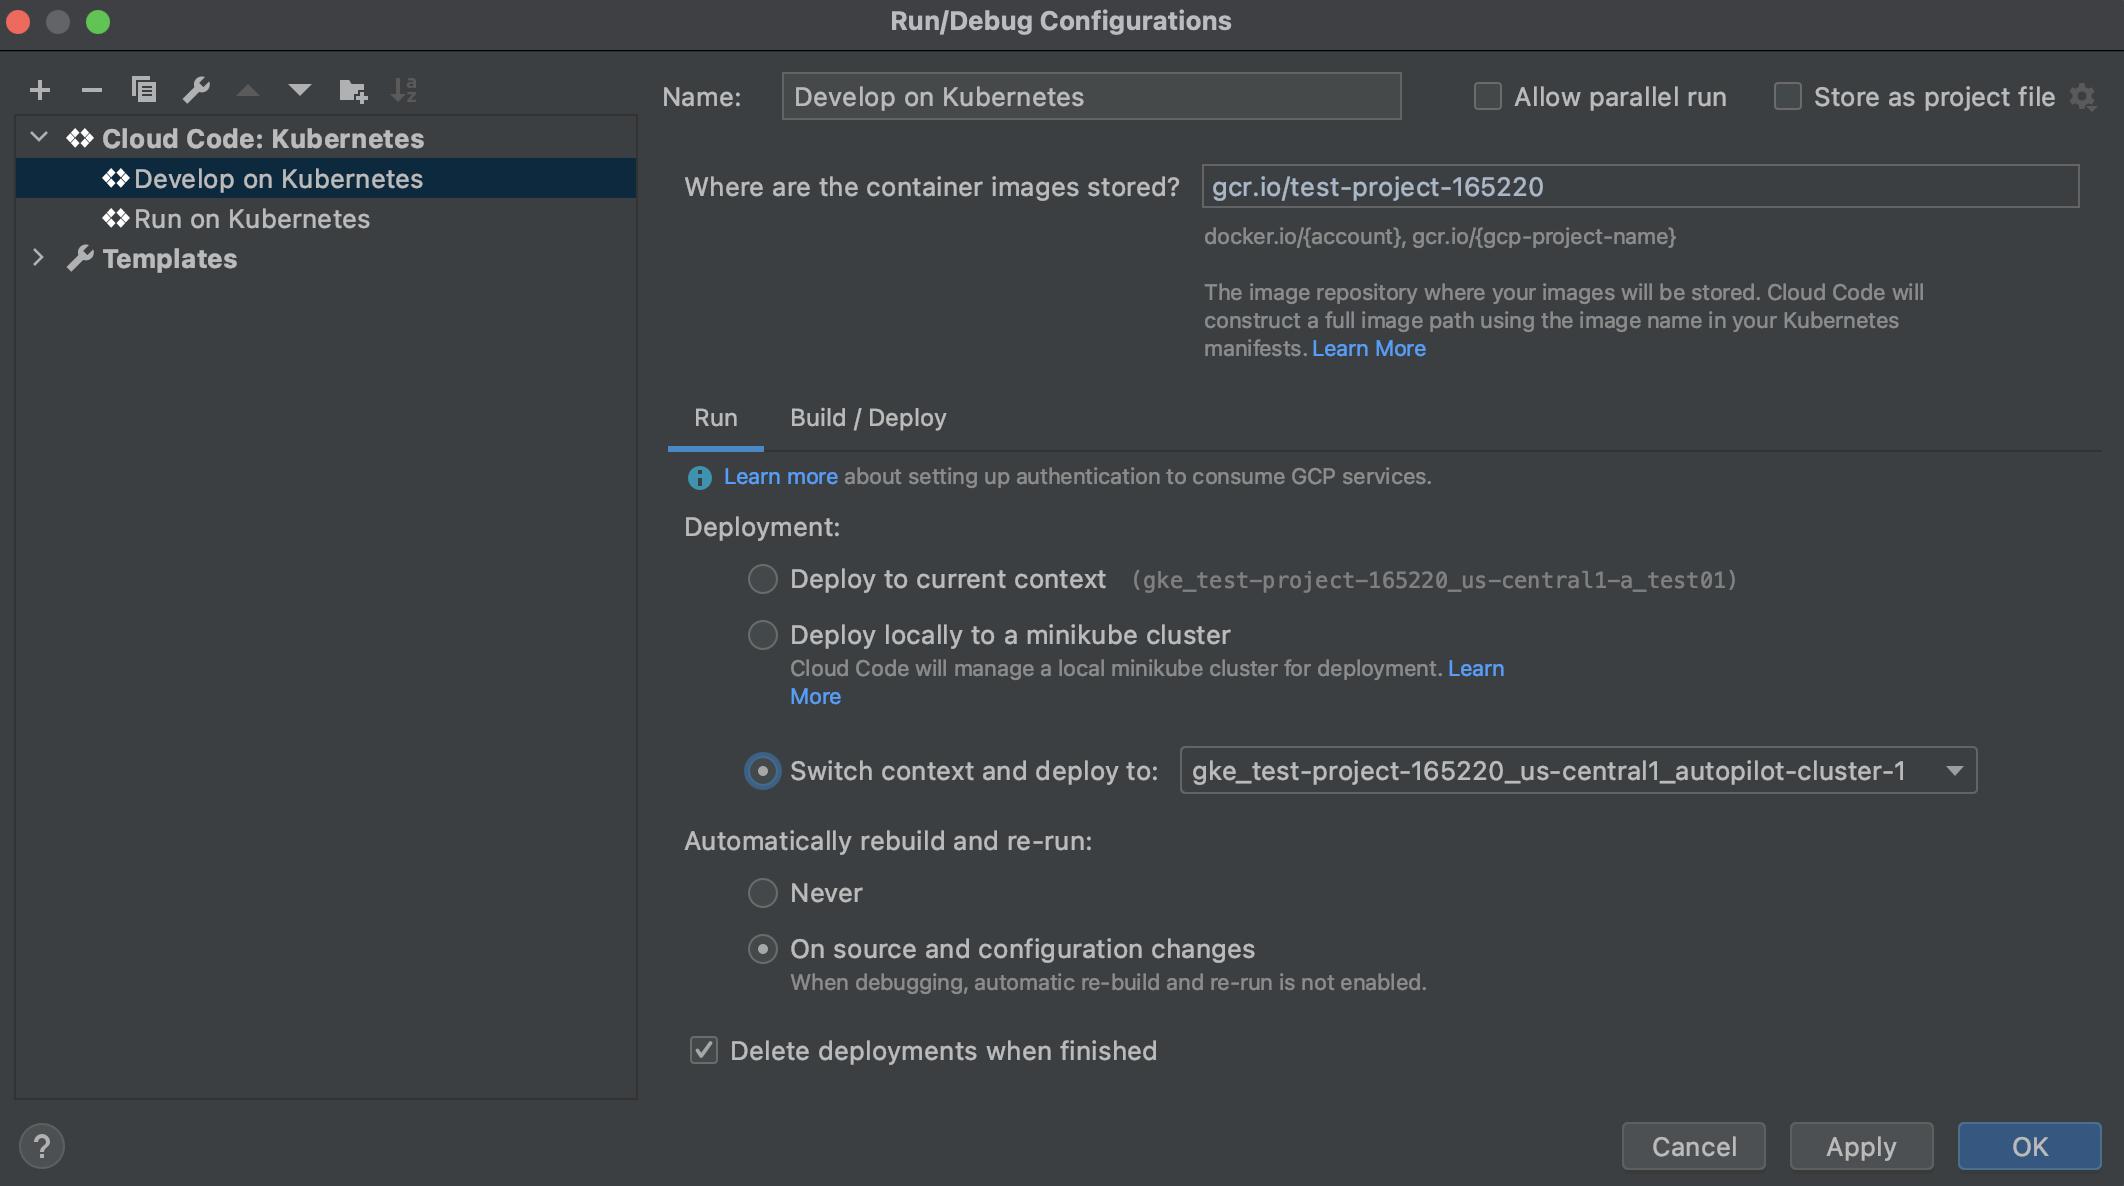 Como selecionar o contexto de implantação do Kubernetes em uma configuração do Kubernetes do Cloud Code